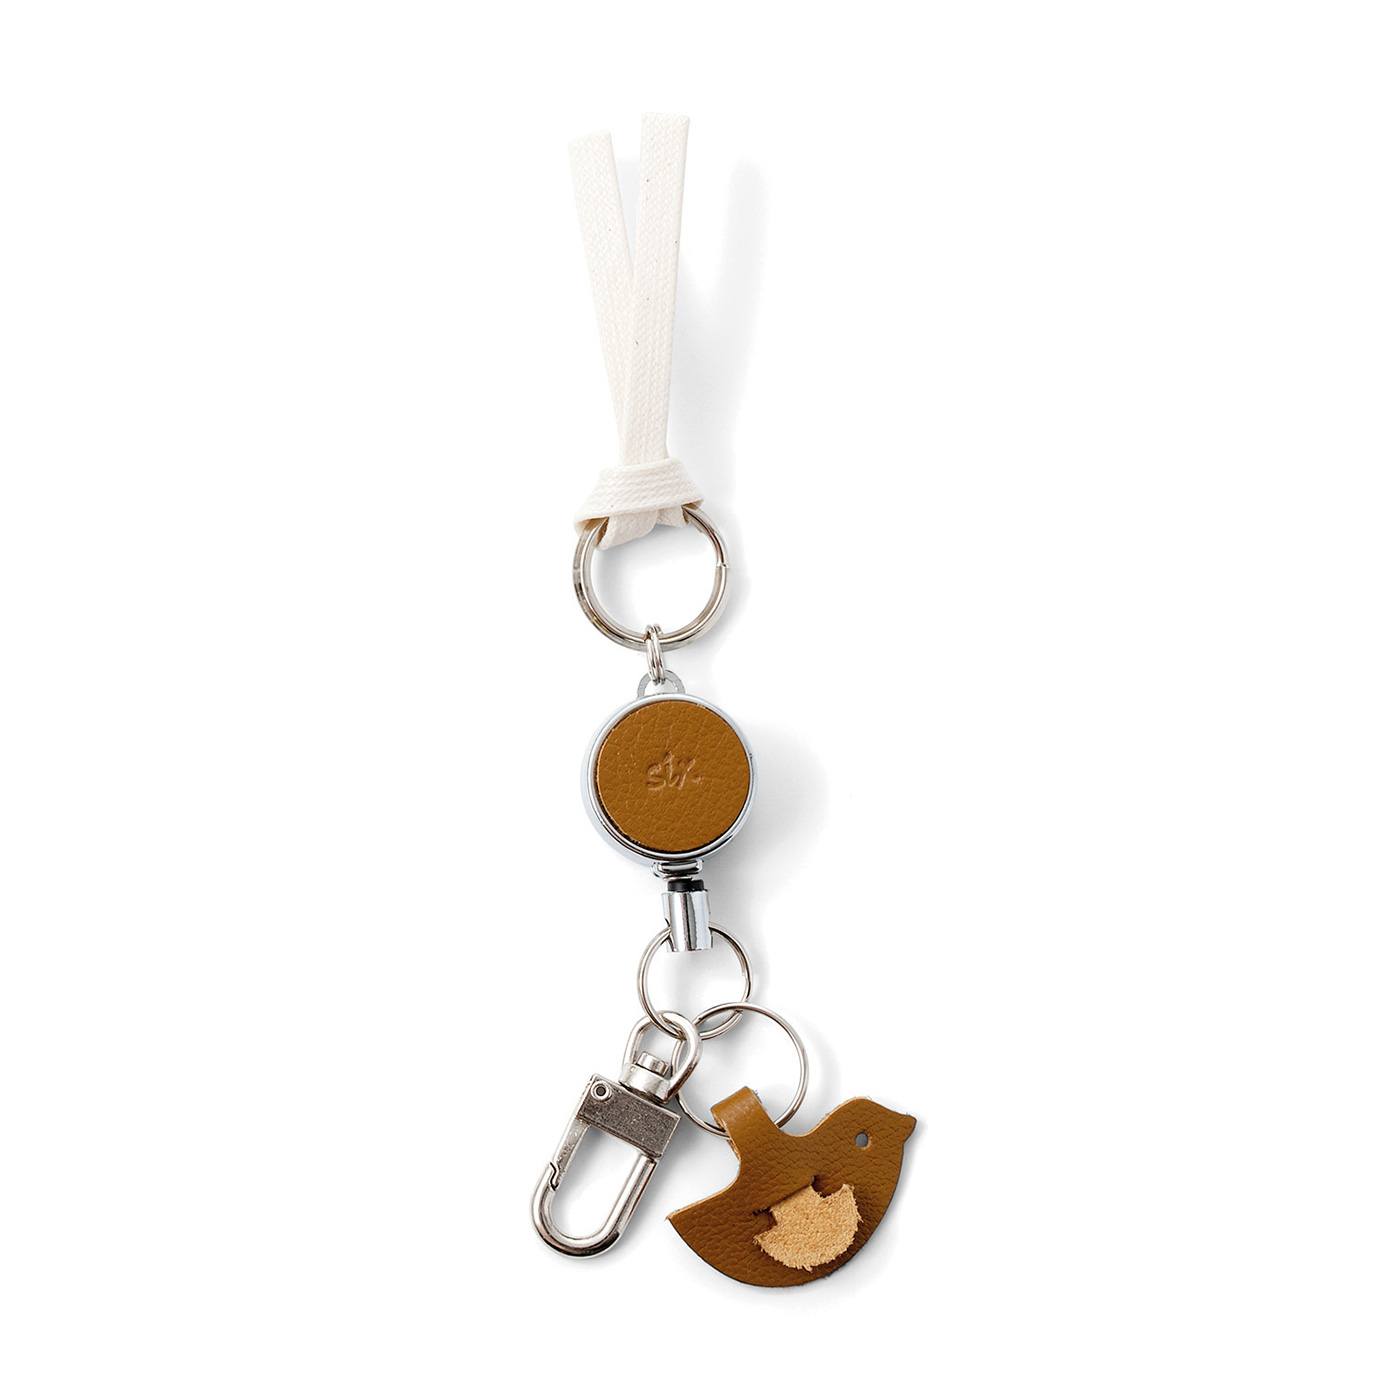 シボ感のある牛革に、「12ヵ月の暮らしに彩りと便利を運んでくれますように」との思いを込めて、1~12のフランス語数字を刻印。